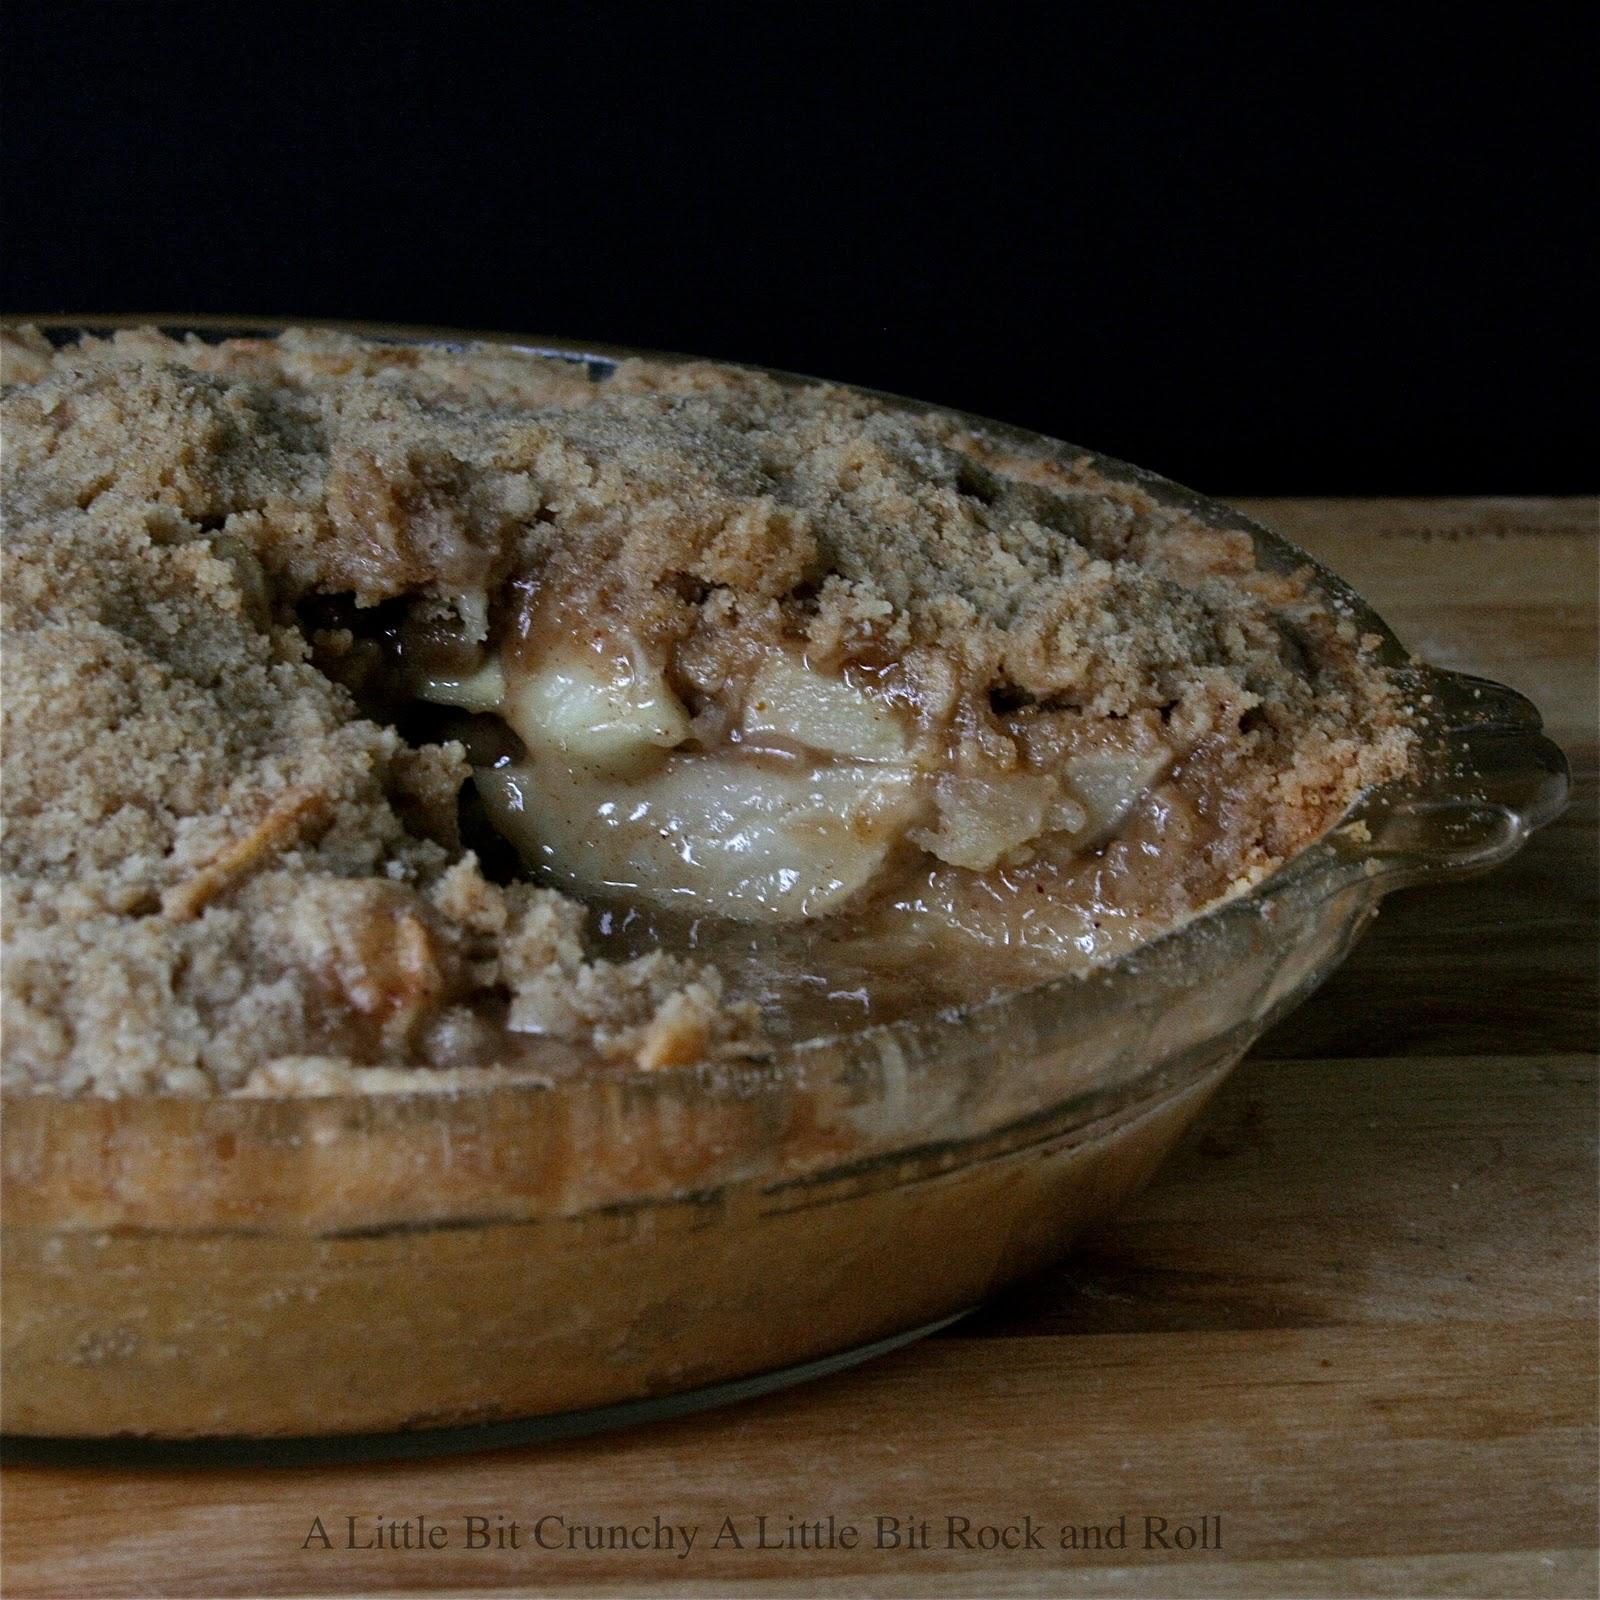 ... Crunchy A Little Bit Rock and Roll: Brown Bag Baked Dutch Apple Pie